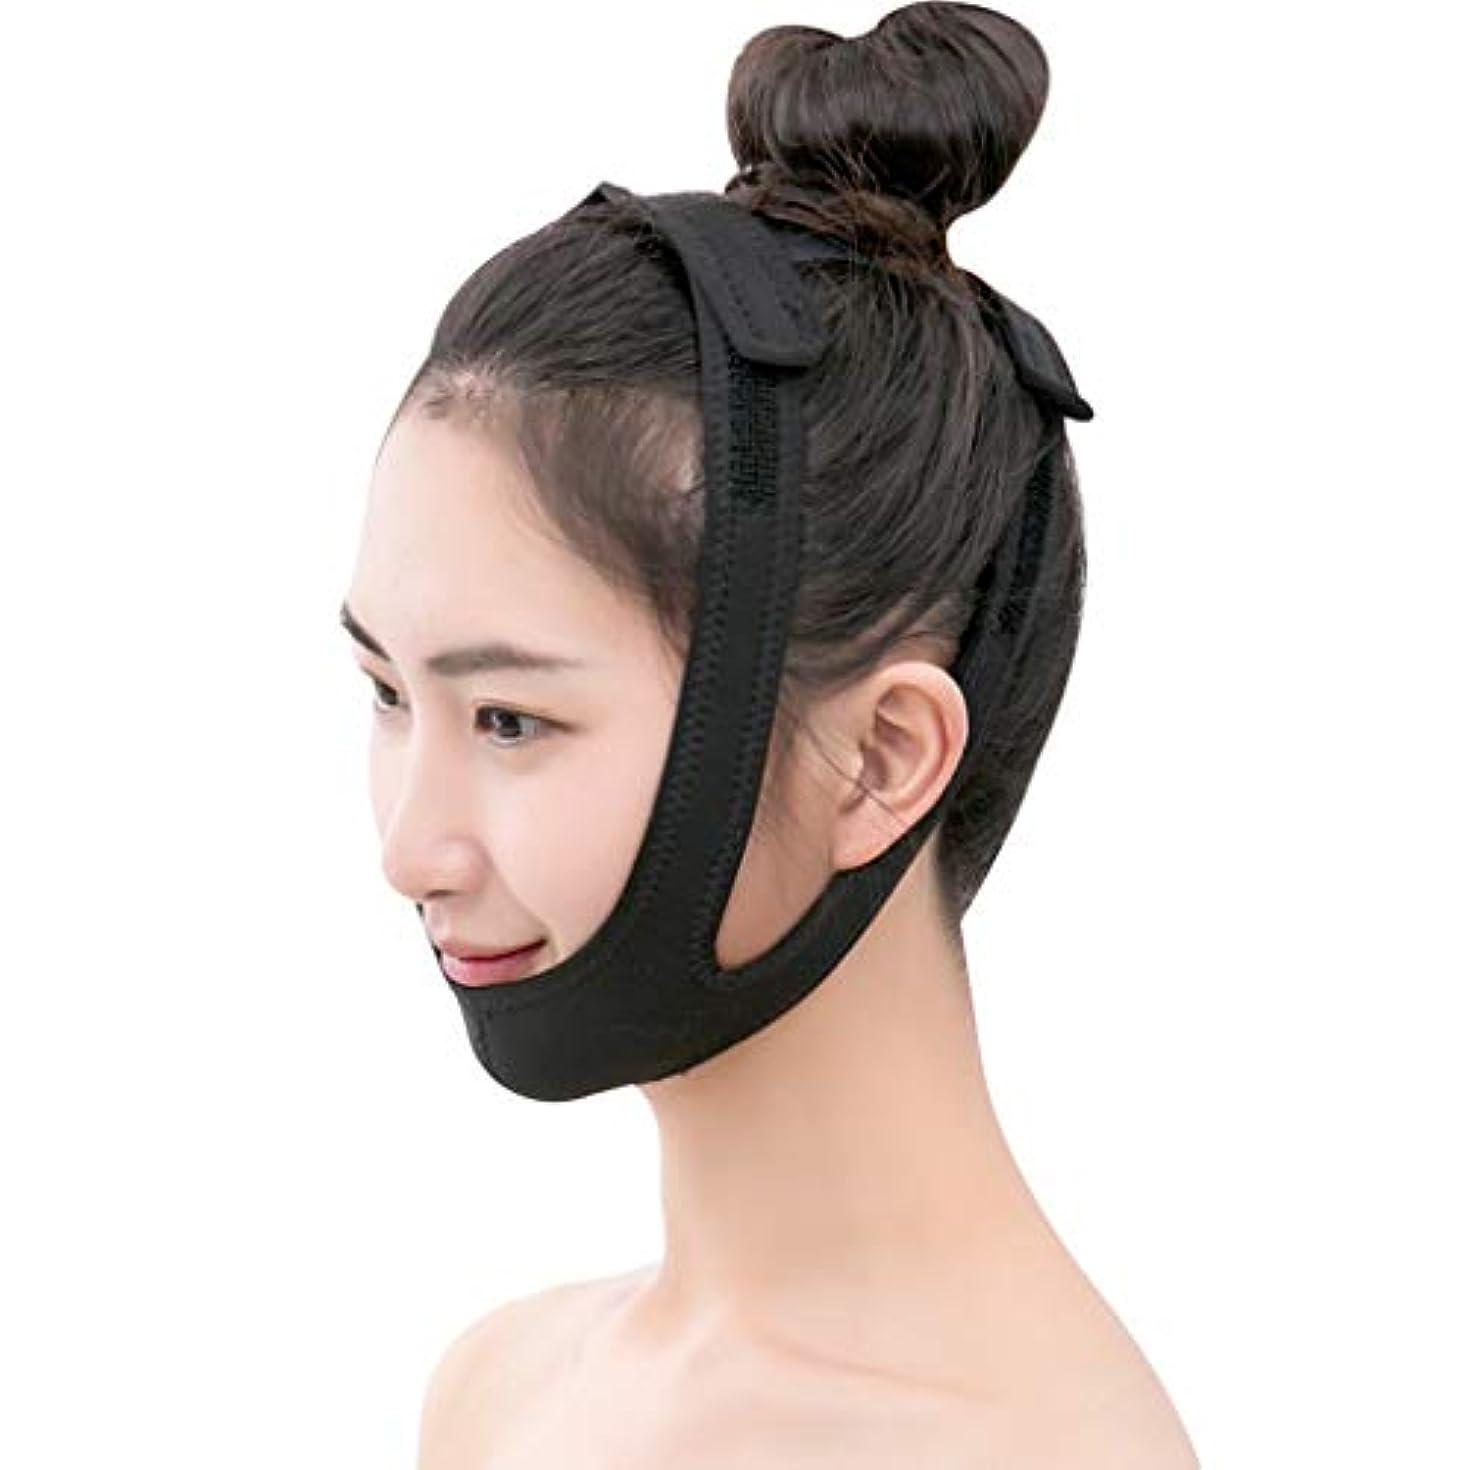 コンテンツ置換数字顔リフト手術回復ライン彫刻顔リフト顔のリフト v 顔睡眠マスク